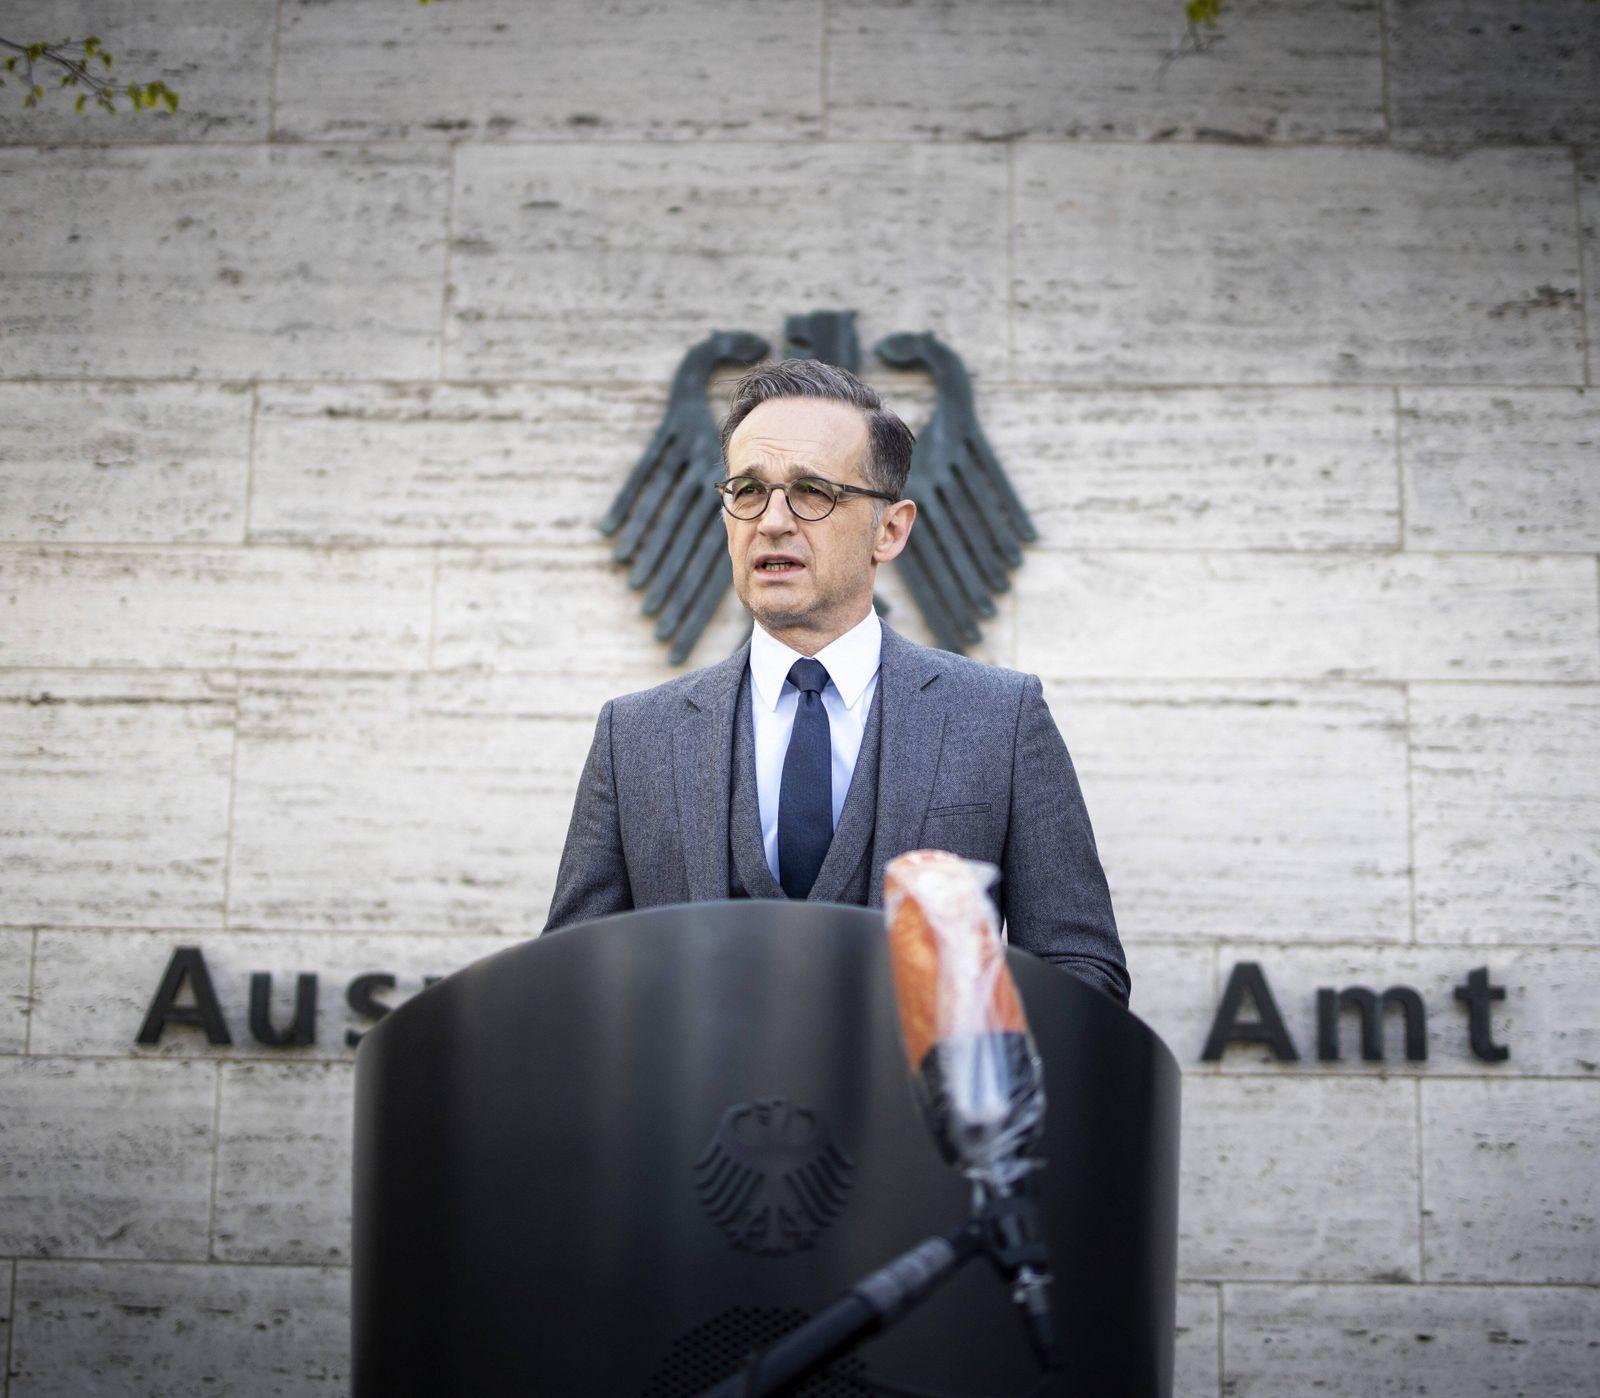 Bundesaussenminister Heiko Maas, SPD, gibt ein Pressestatement vor dem Auswaertigen Amt zu der aktuellen Lage der Rueck